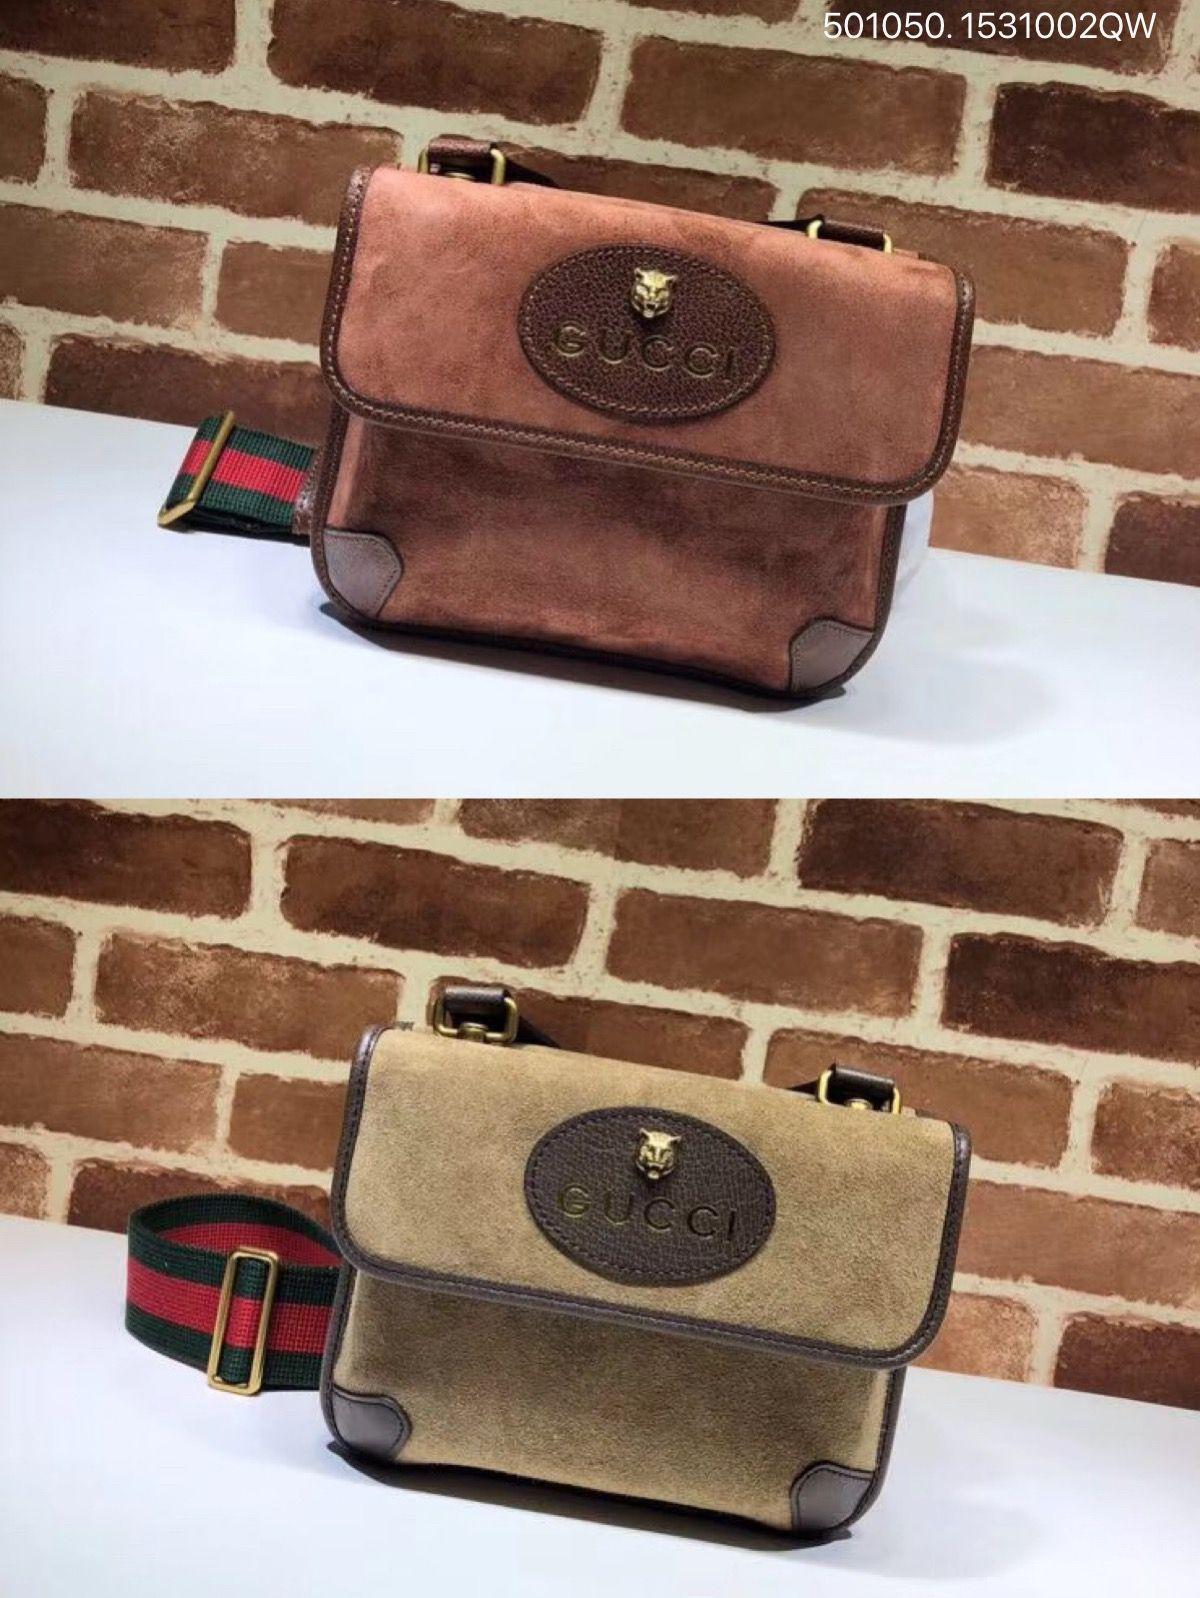 98b7bd0cb Gucci Black Gg Fabric Small Messenger Bag